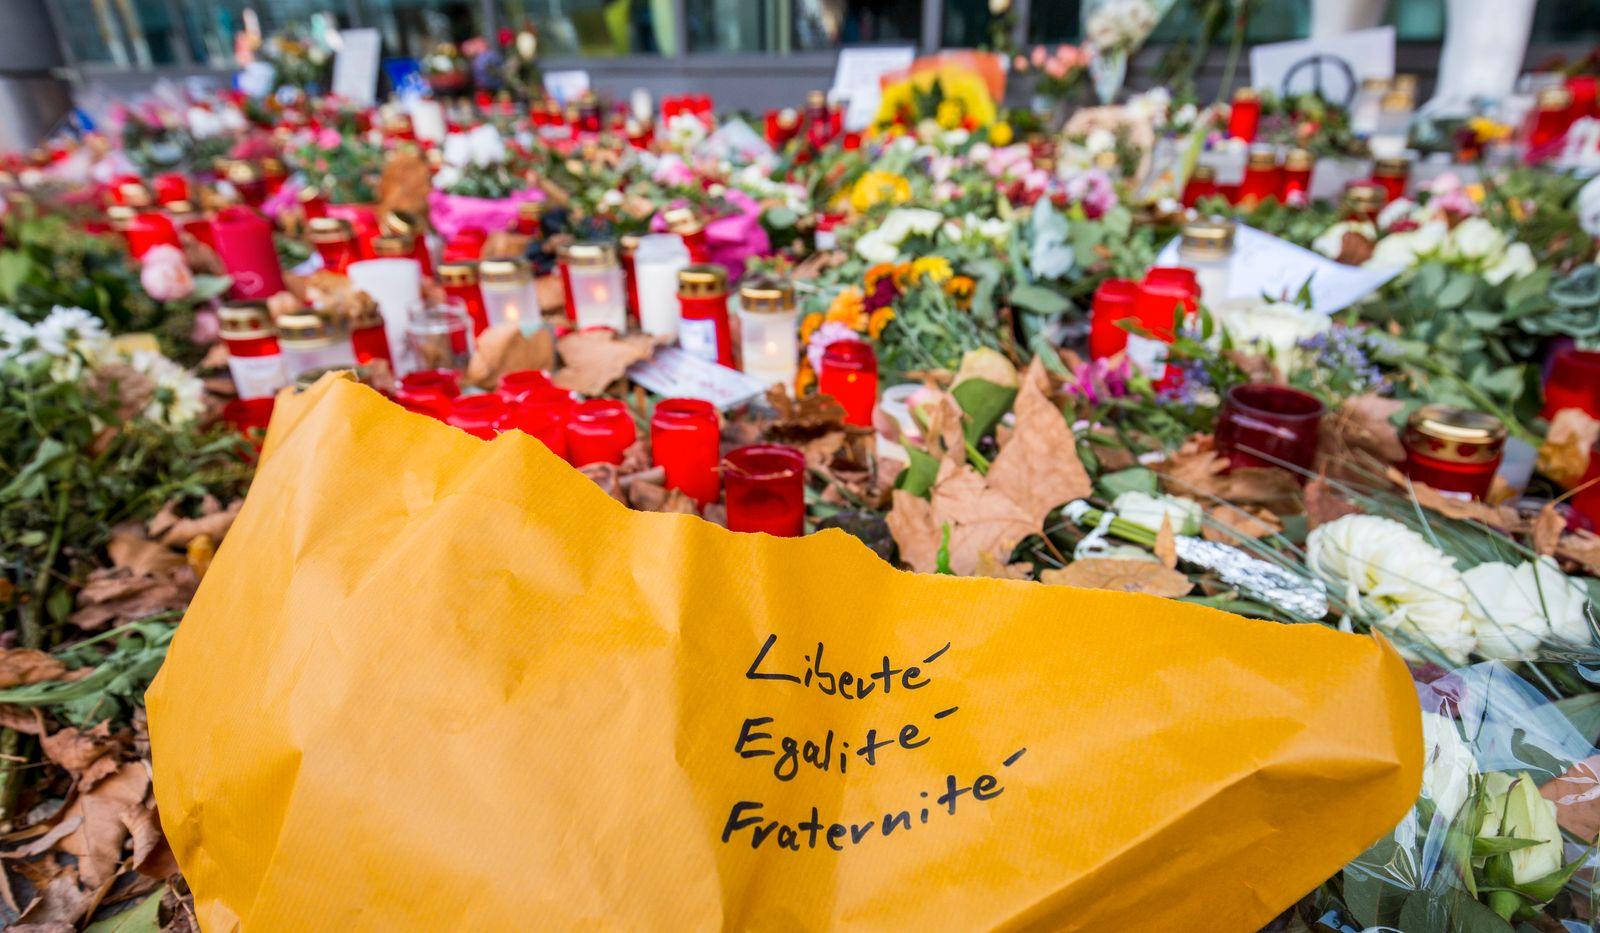 Nach Attentaten von Paris - Bayerische Staatsregierung kondoliert